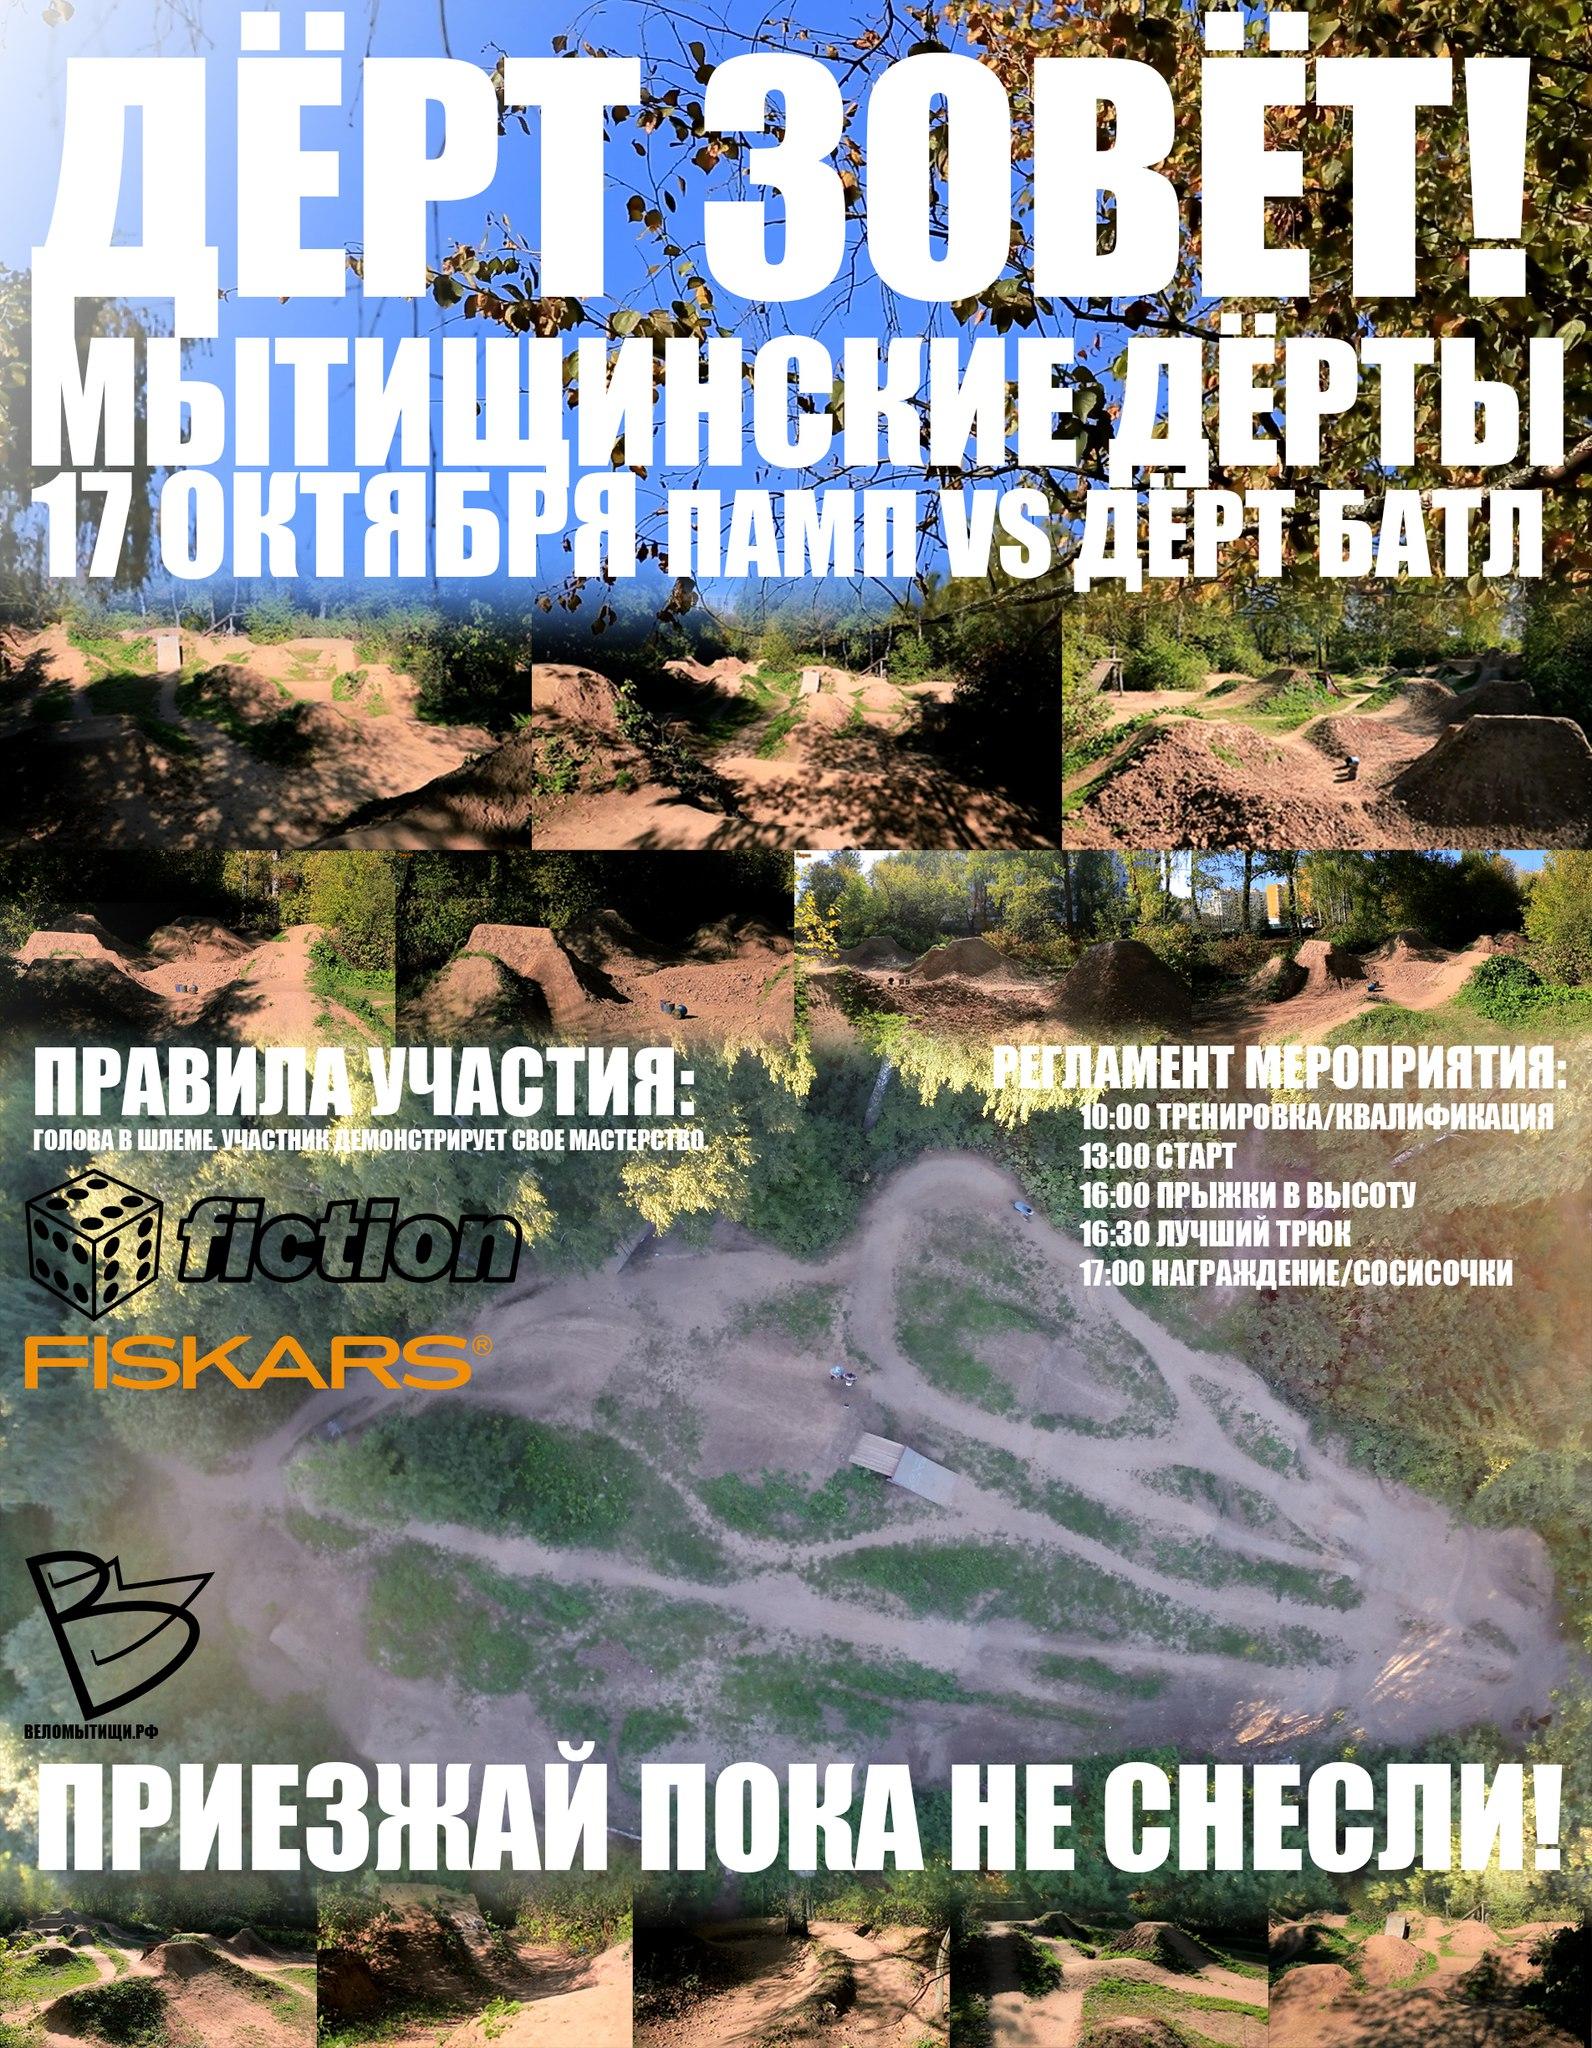 http://cs627325.vk.me/v627325355/1a4a1/hTj5QmFWJ2o.jpg